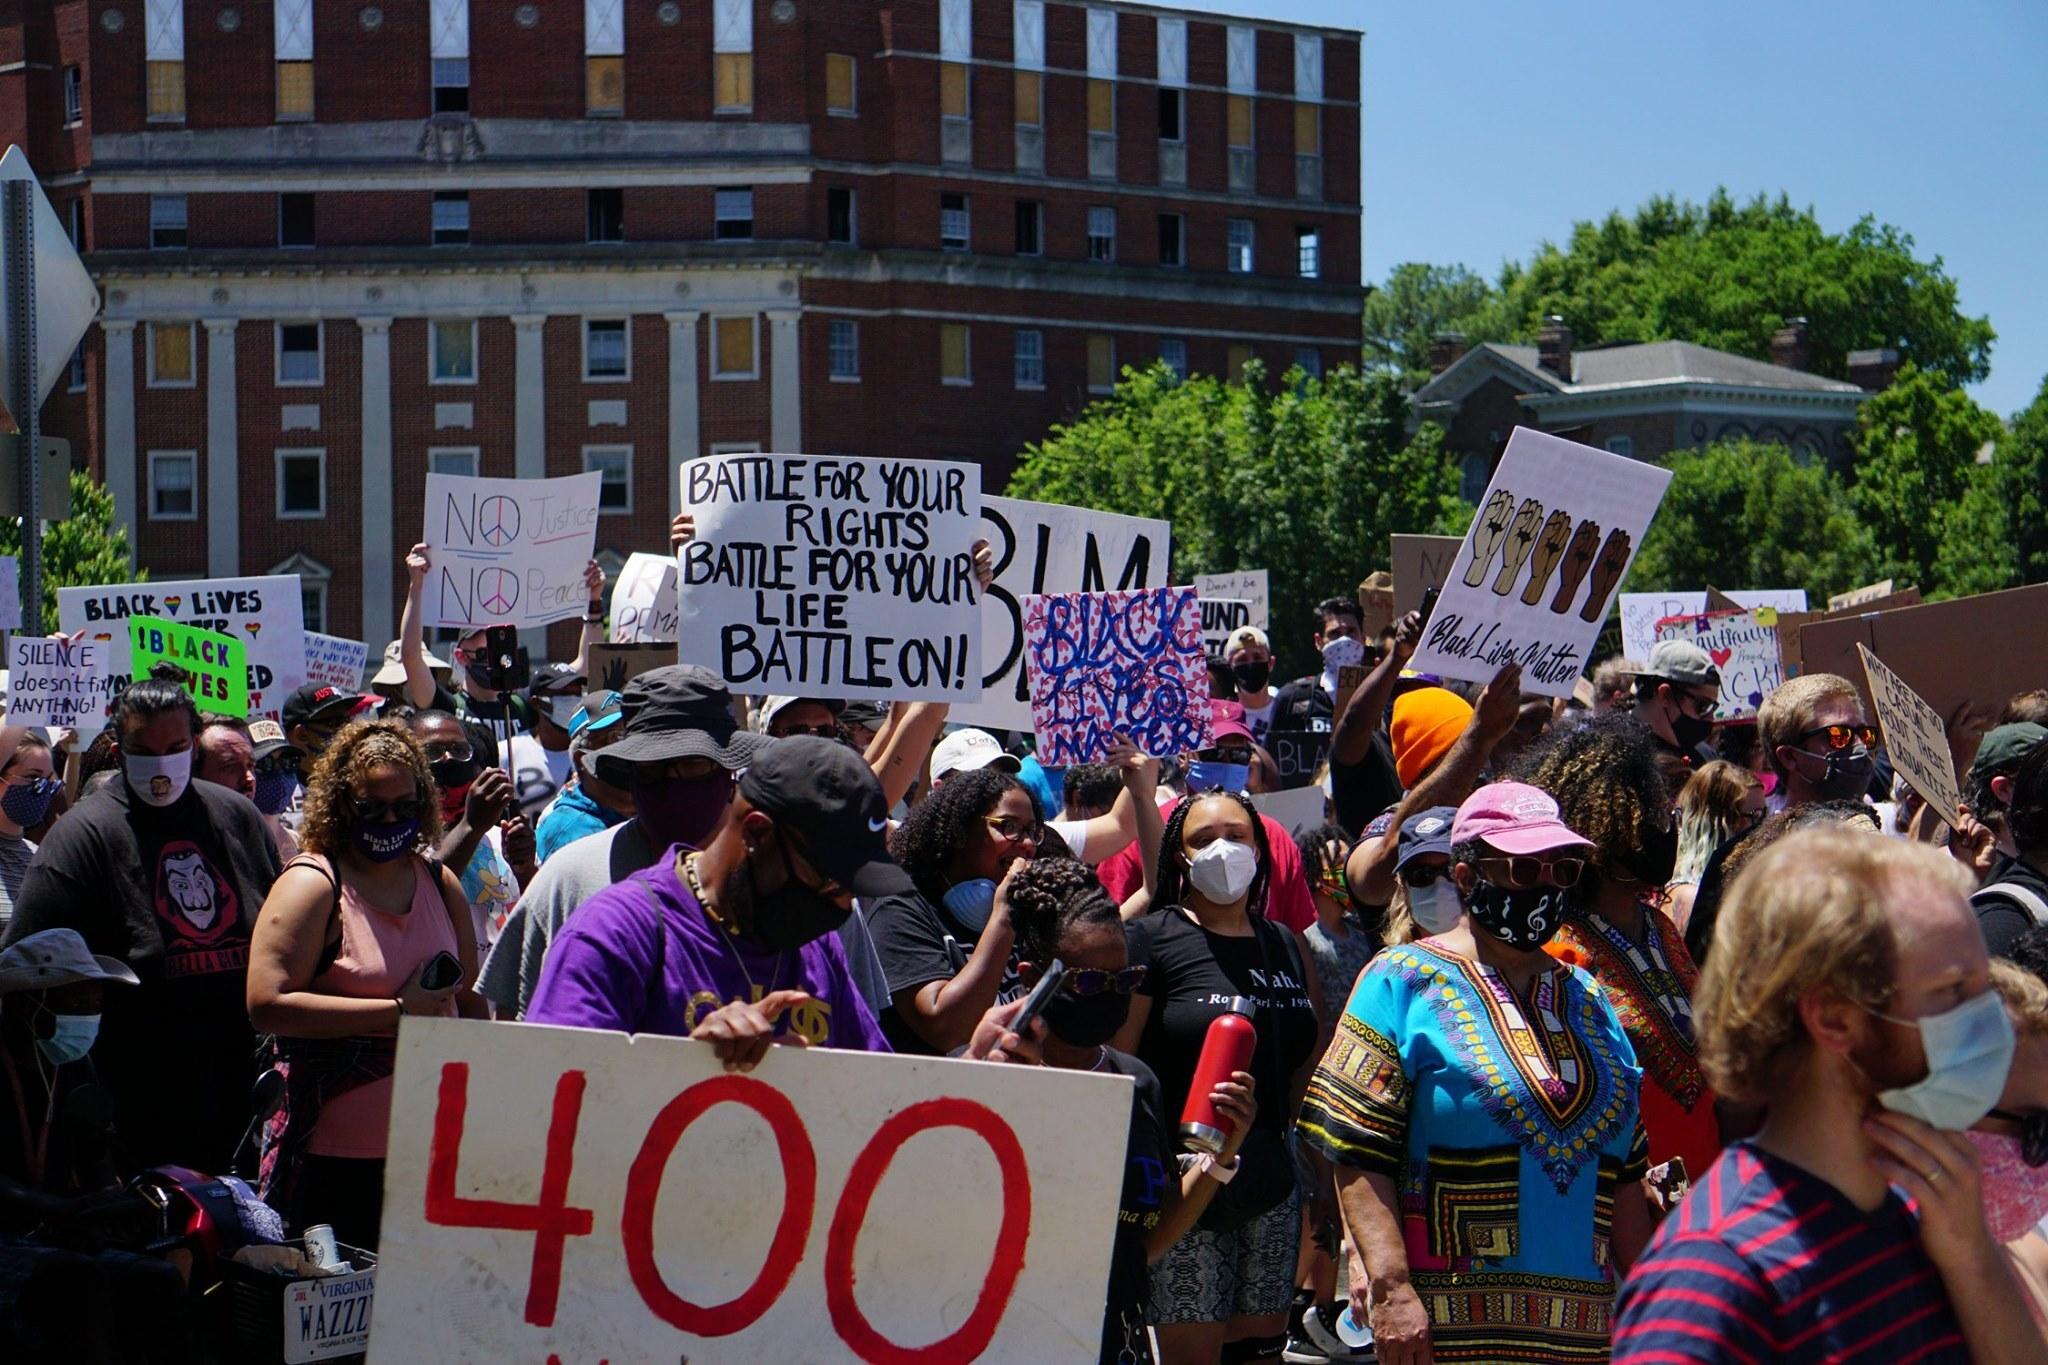 5,000 Man March in Richmond